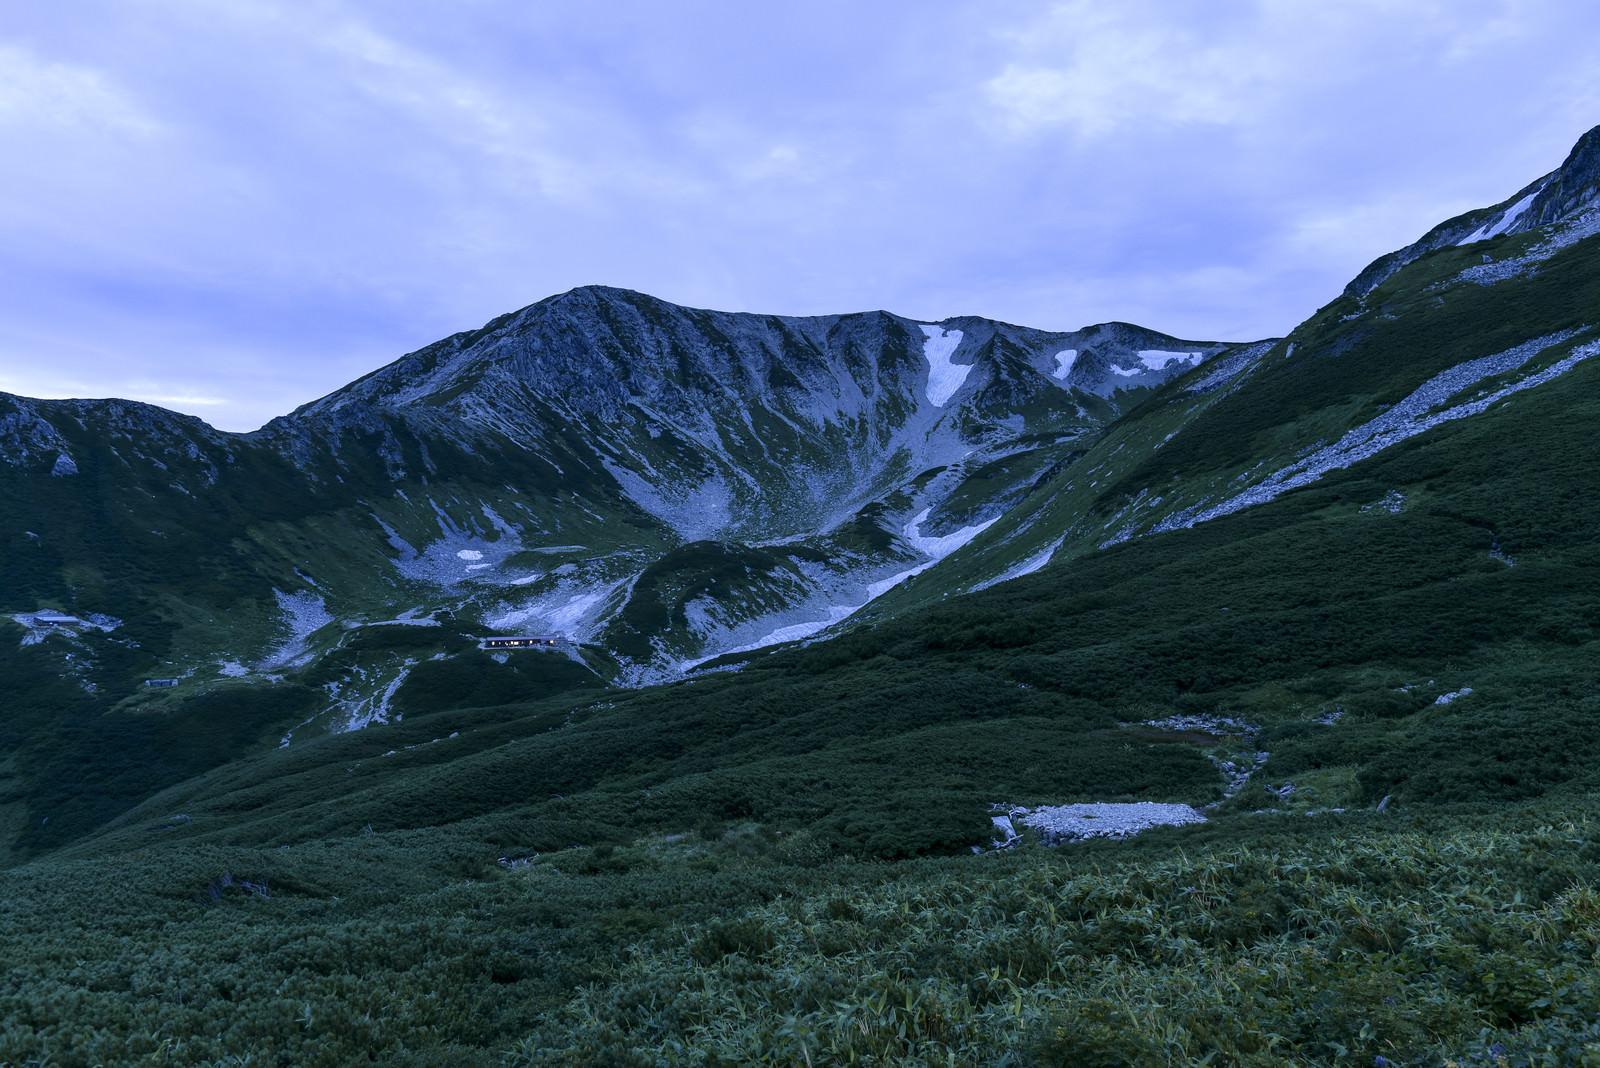 「夜明けの光を待つ劒沢(剱岳)」の写真